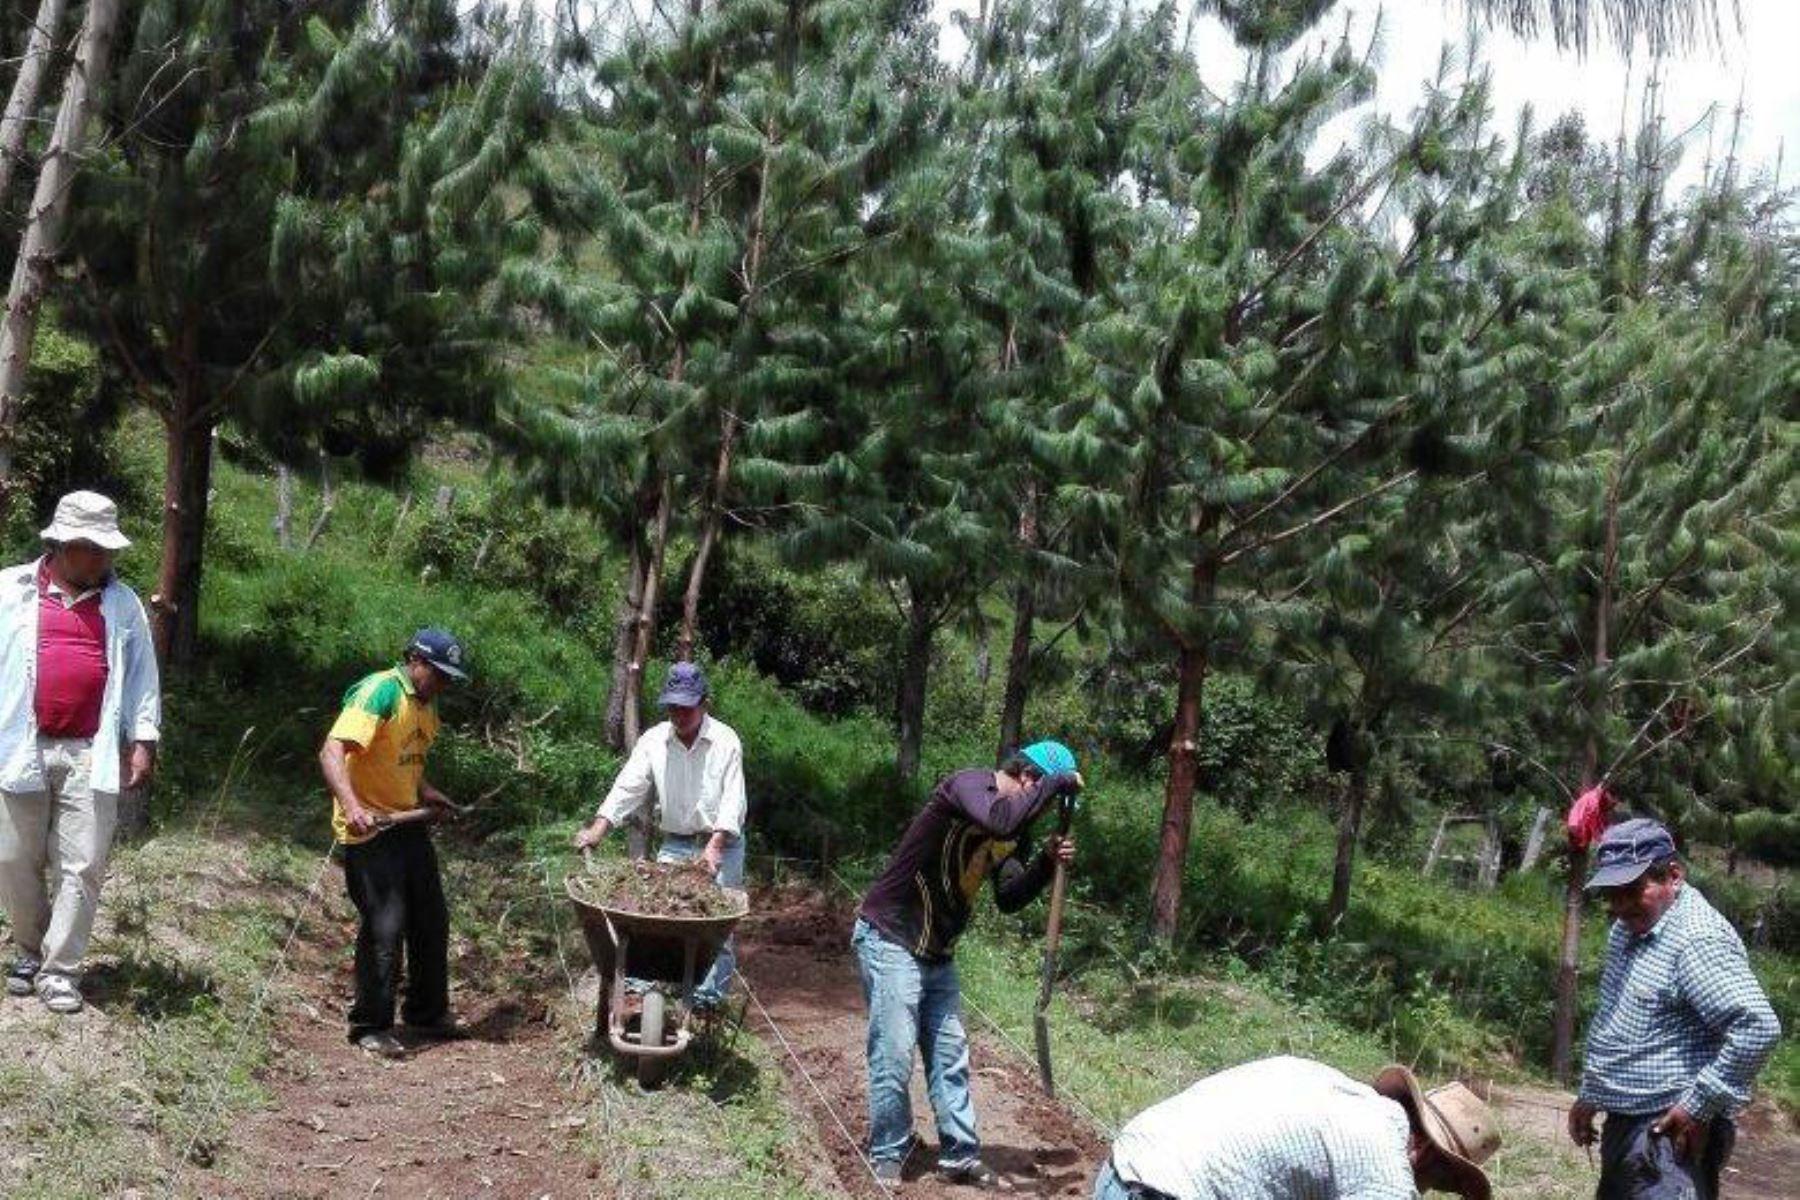 Con 300,000 pinos reforestarán zonas afectadas por la tala ilegal en la cuenca del Zaña en Lambayeque y Cajamarca. ANDINA